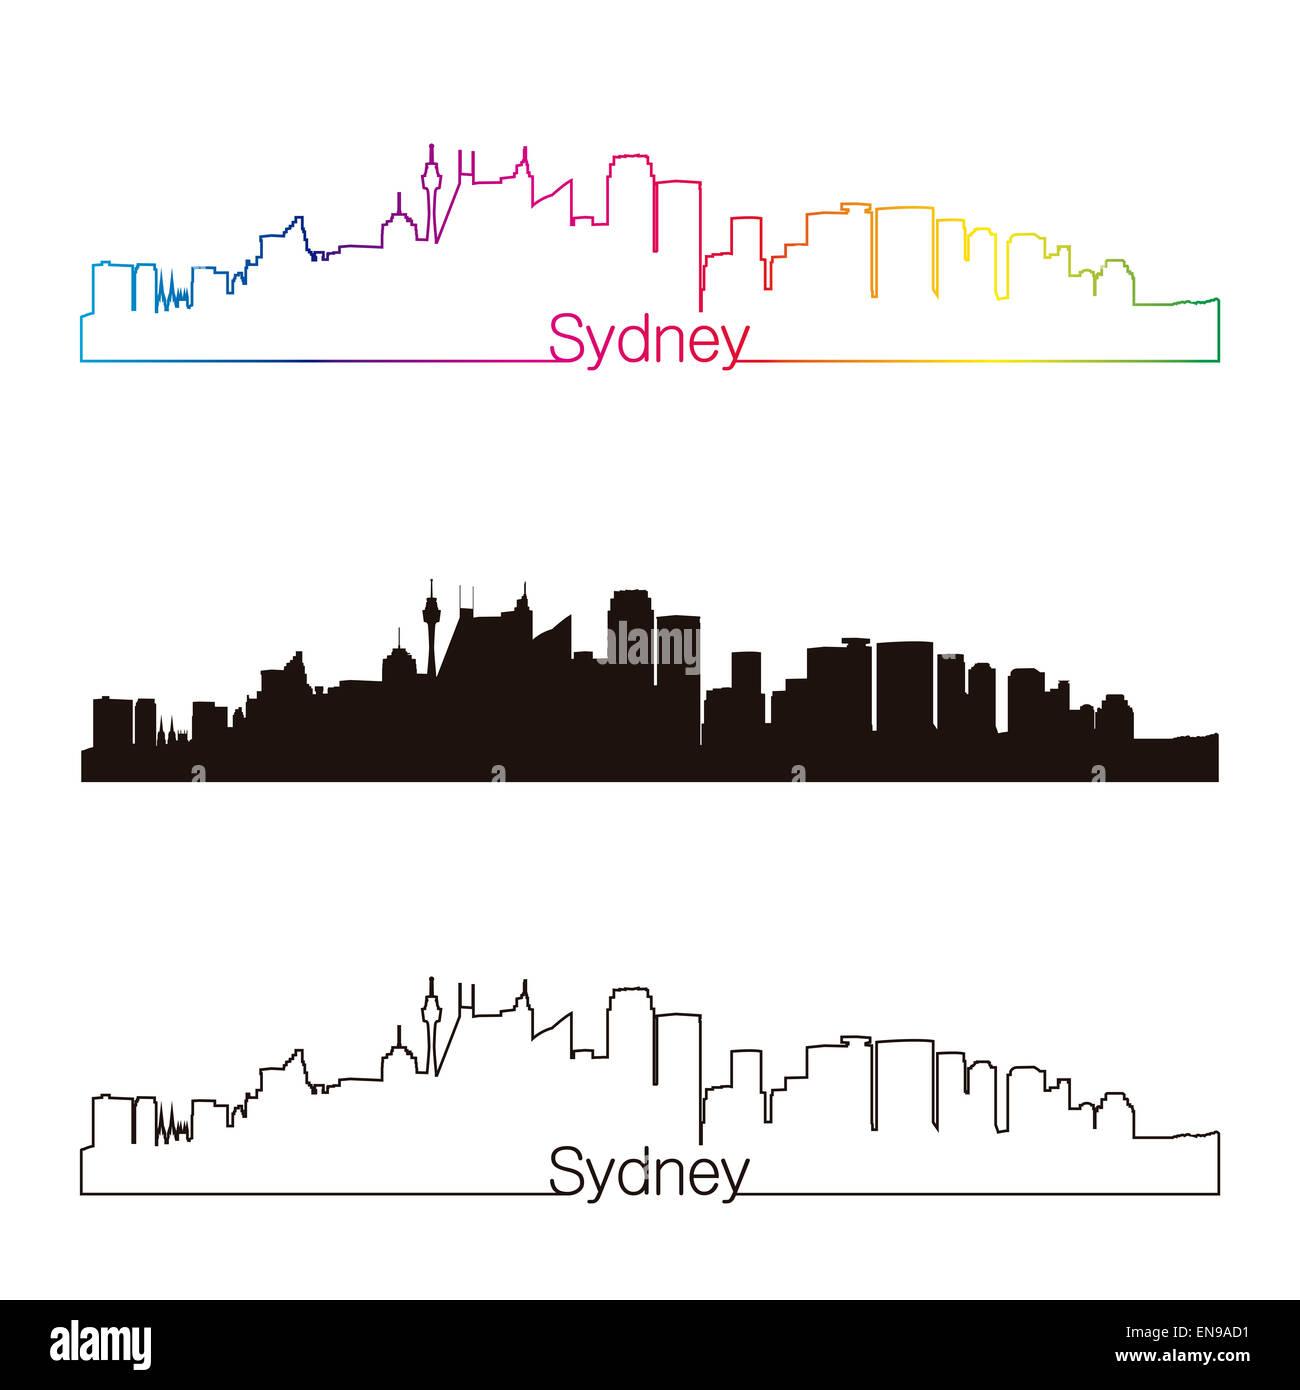 Sydney V2 skyline linear style with rainbow - Stock Image